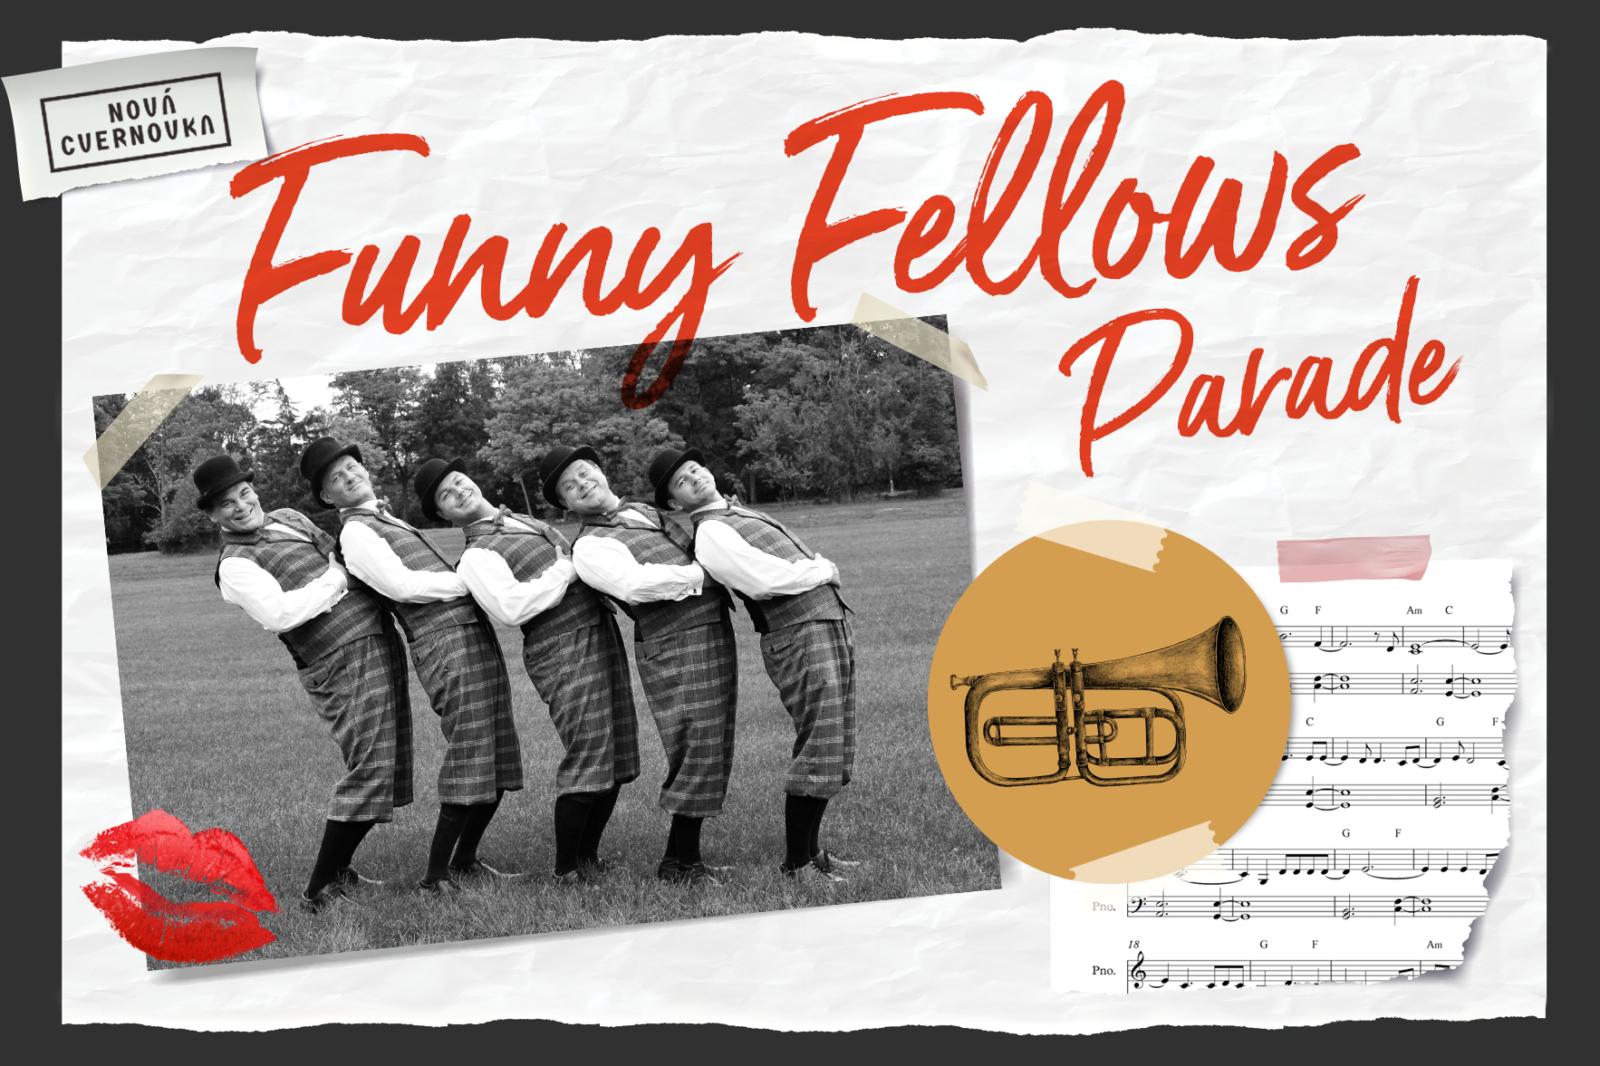 Funny Fellows cvernovka